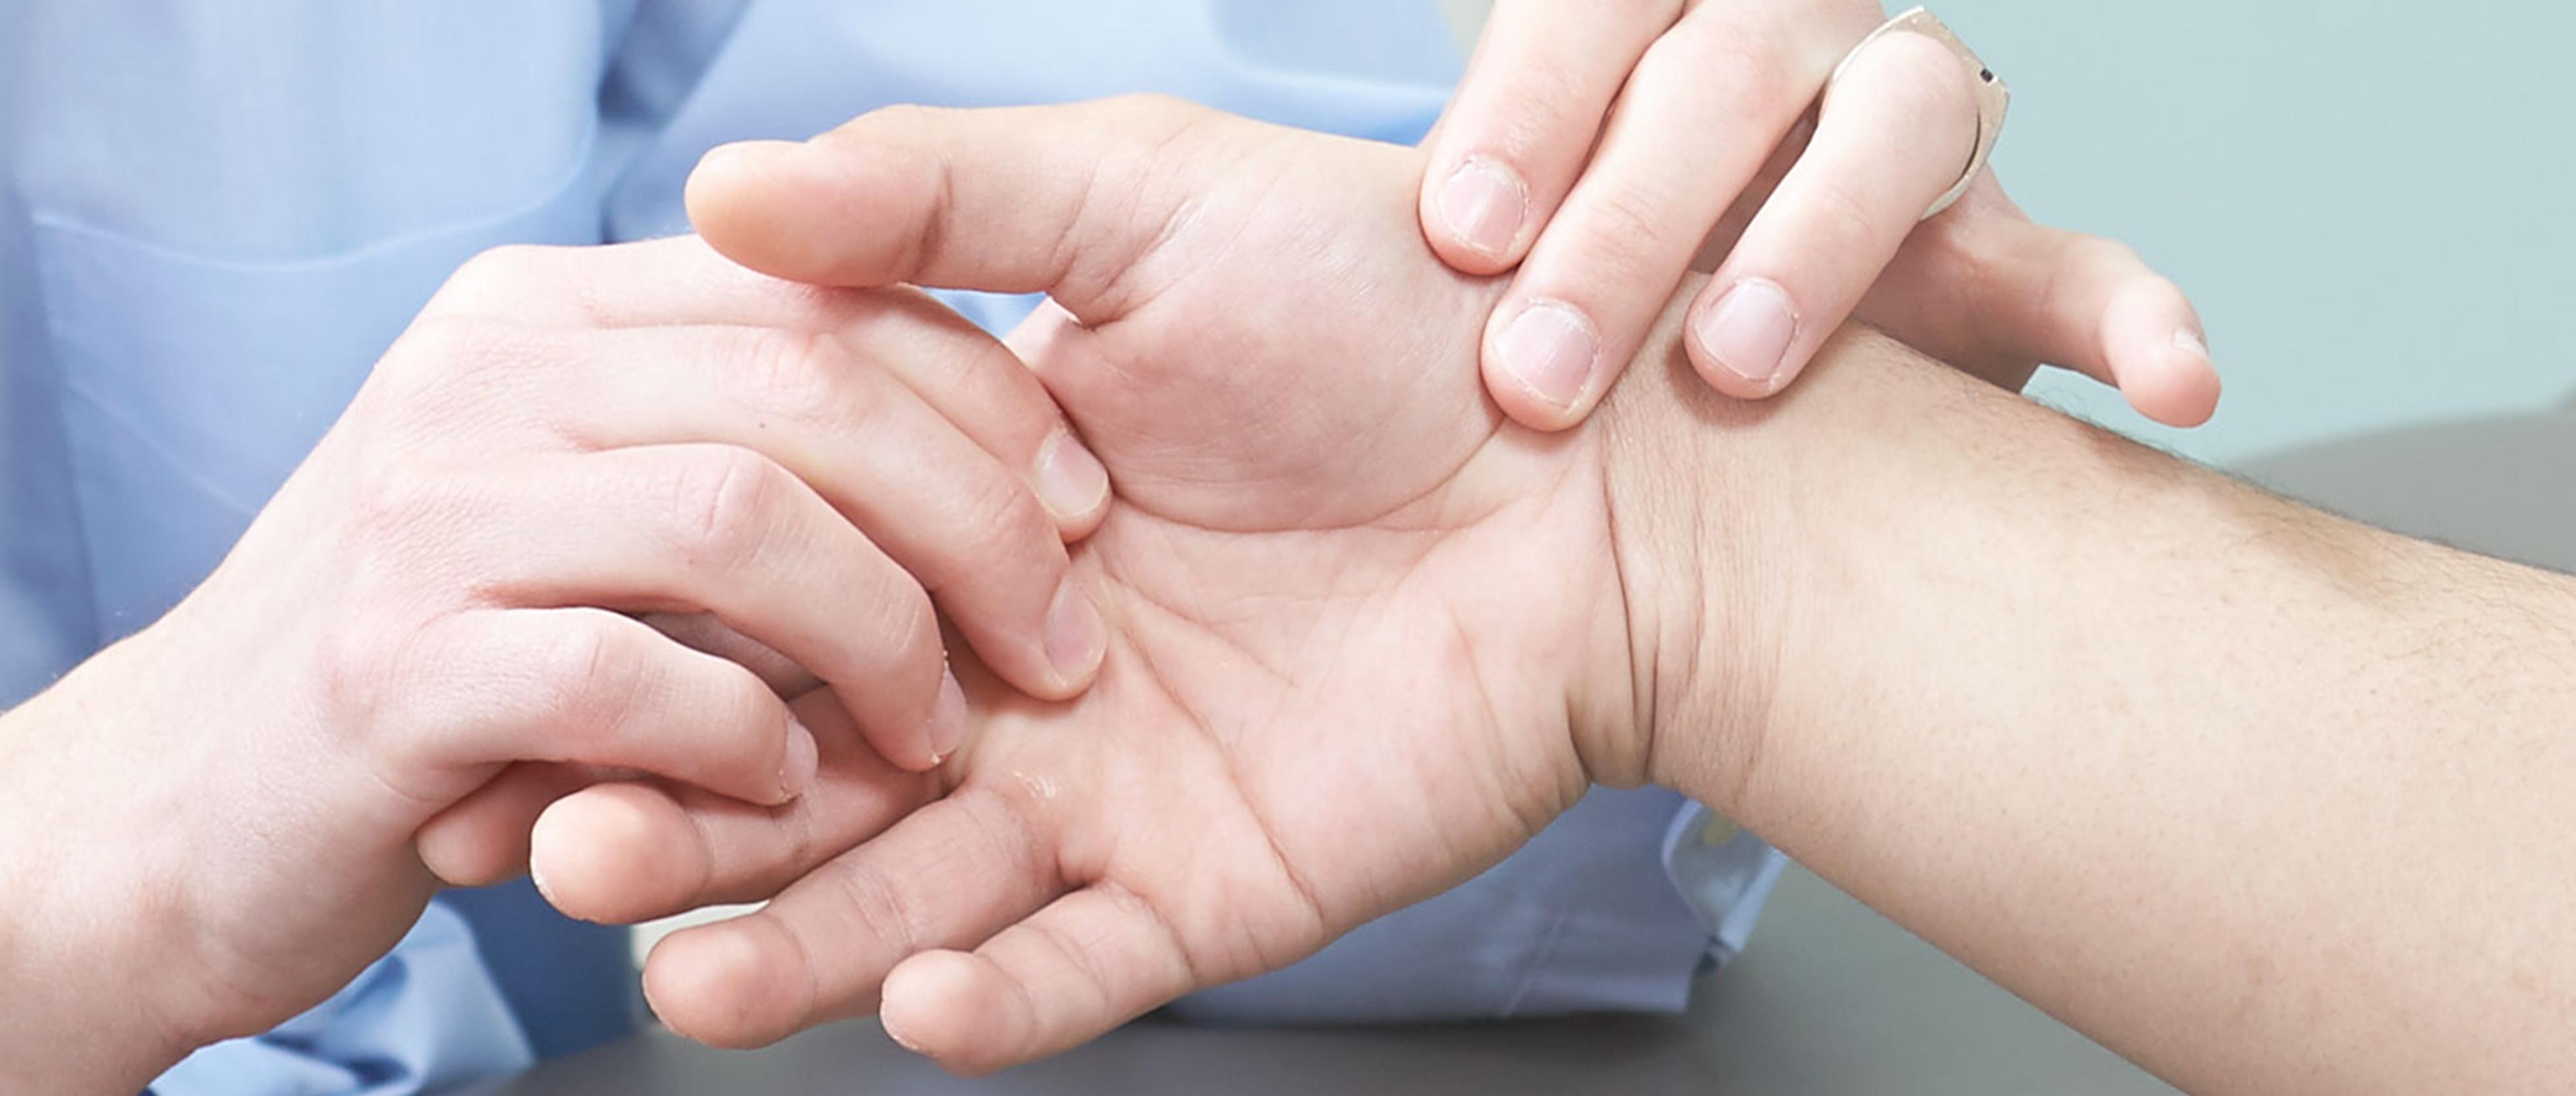 علاج آلام المفاصل